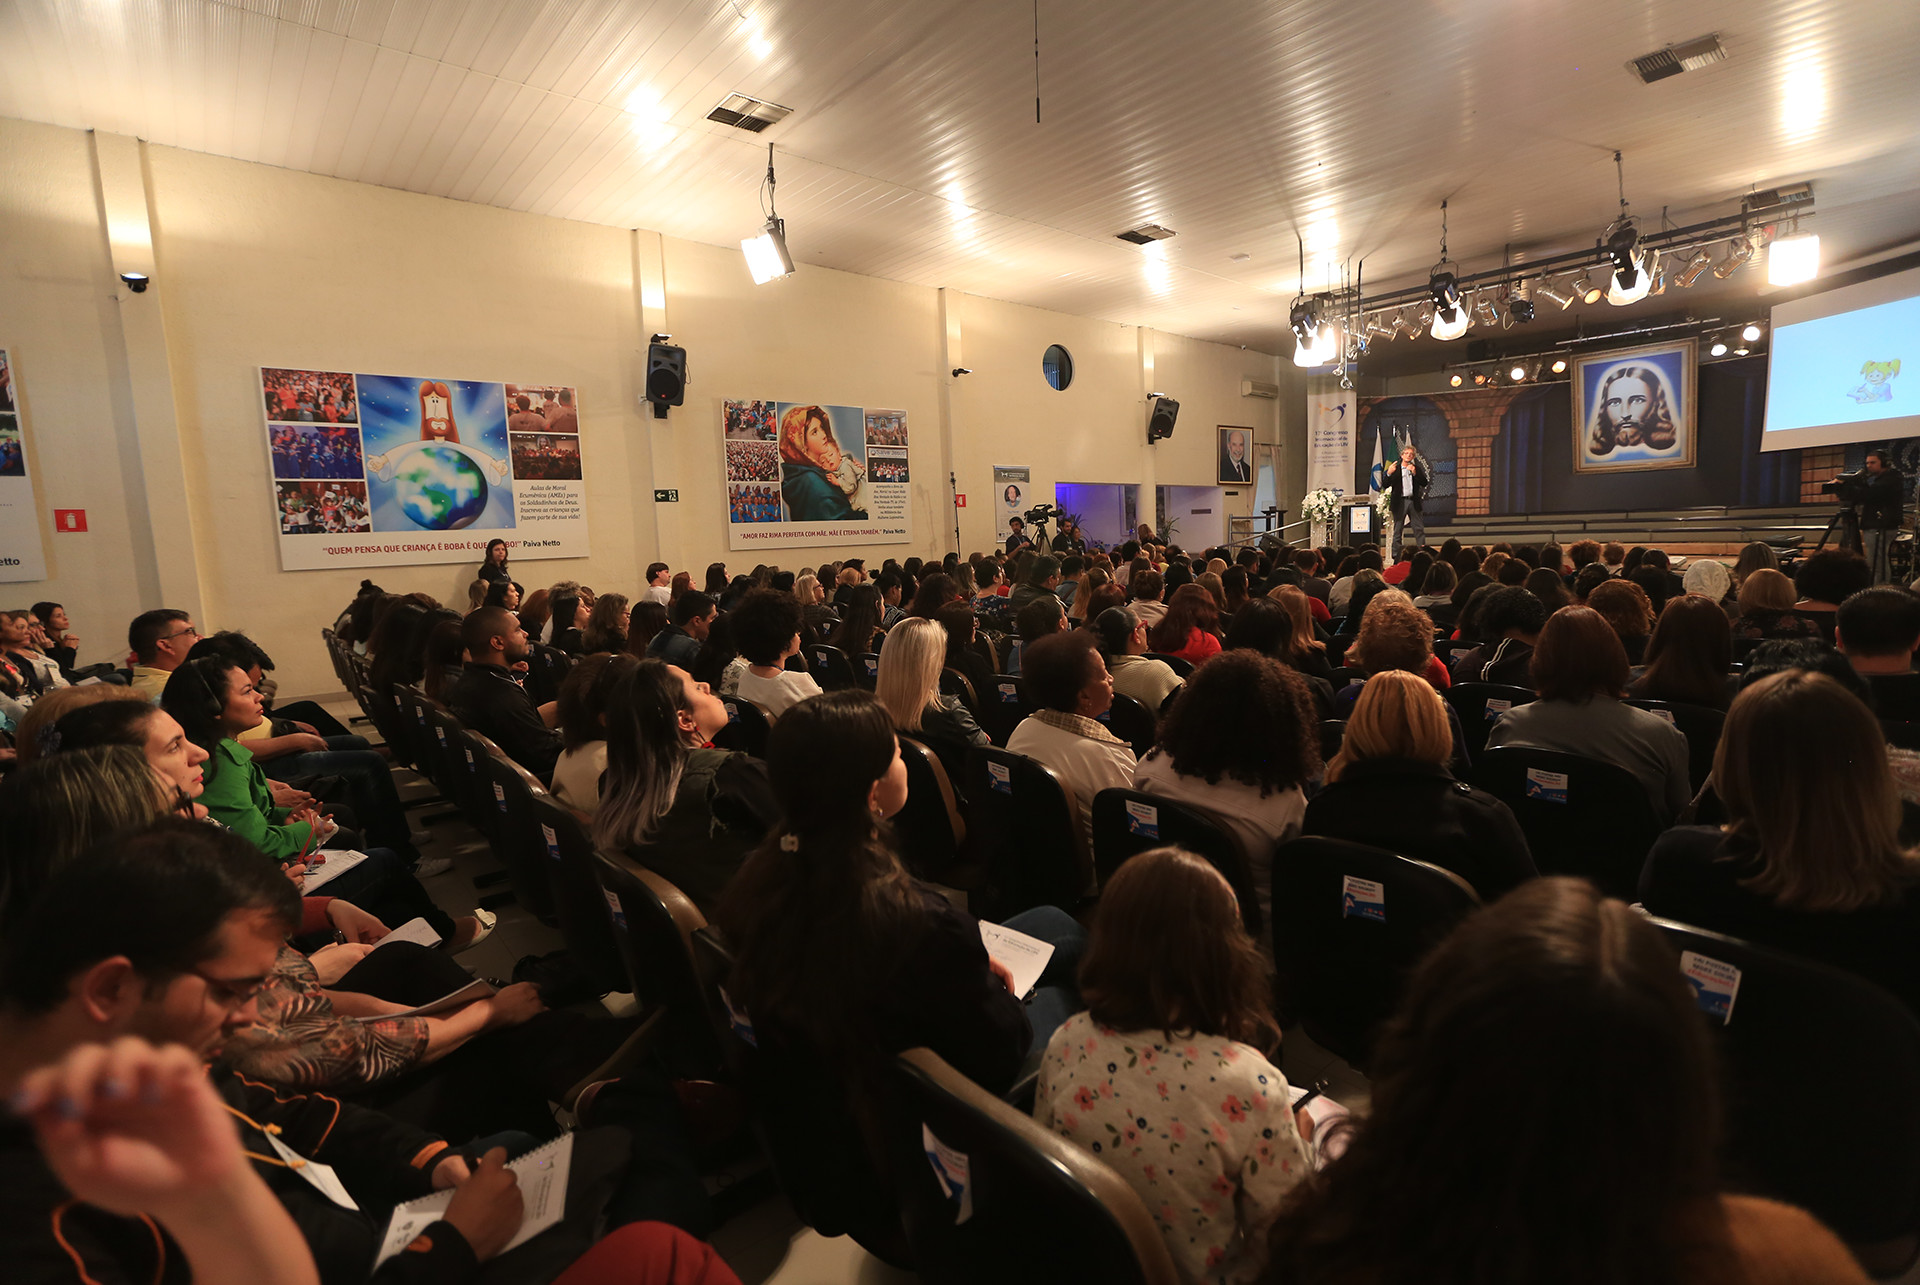 SEXTA-FEIRA, 28 — Encerrando as palestras do evento, Jaime Zorzi, doutor pelo Departamento de Educação da UNICAMP e diretor e professor do Saúde e Educação, centro de formação profissional (CEFAC) apresentou a todos o tema: